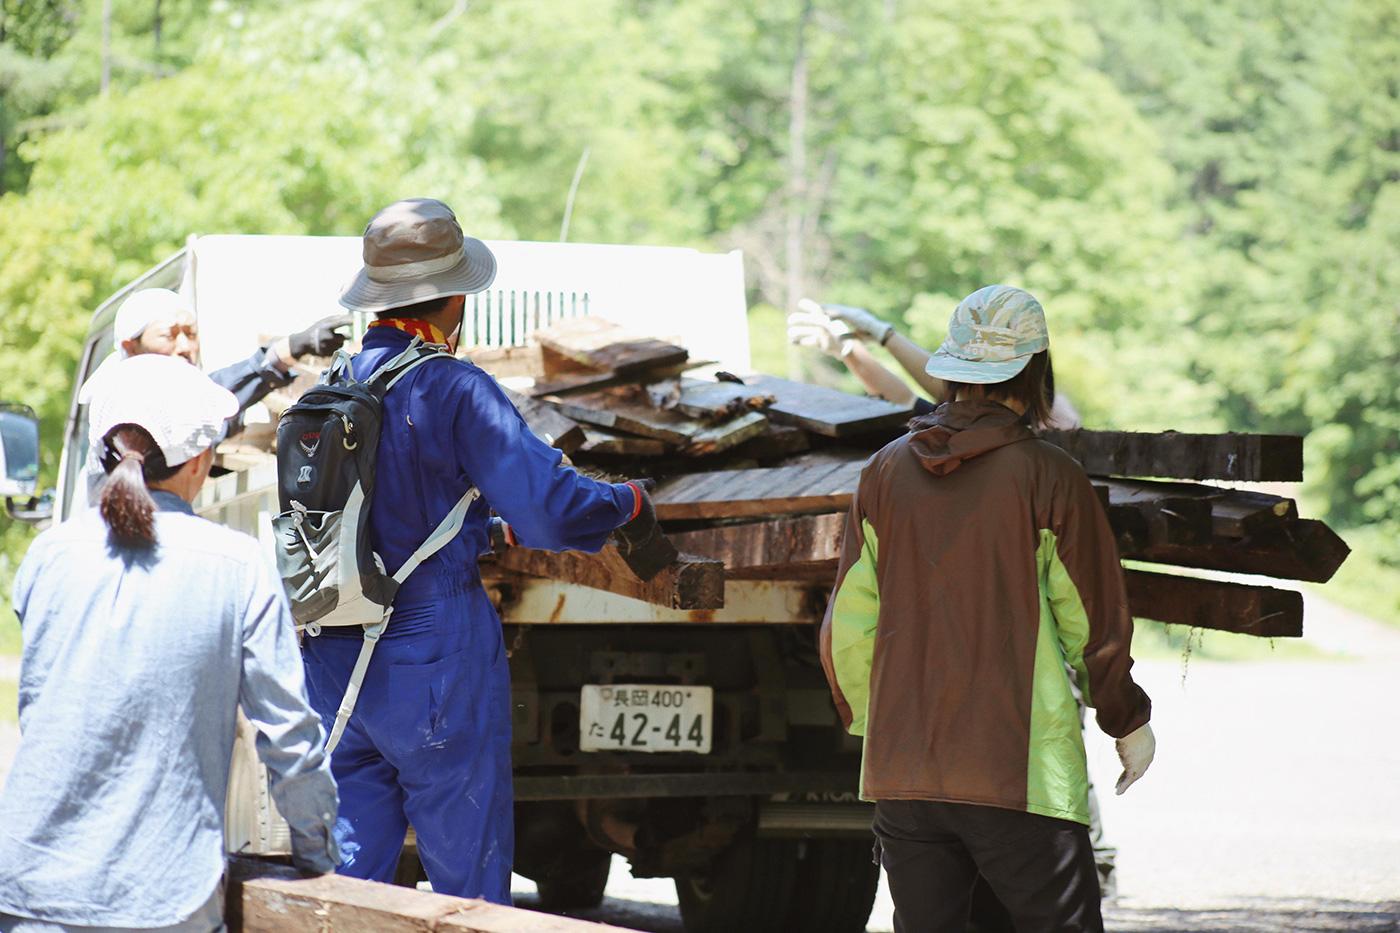 木材が落ちないようにトラックへと積み込みます Photo by Riho Kamimura